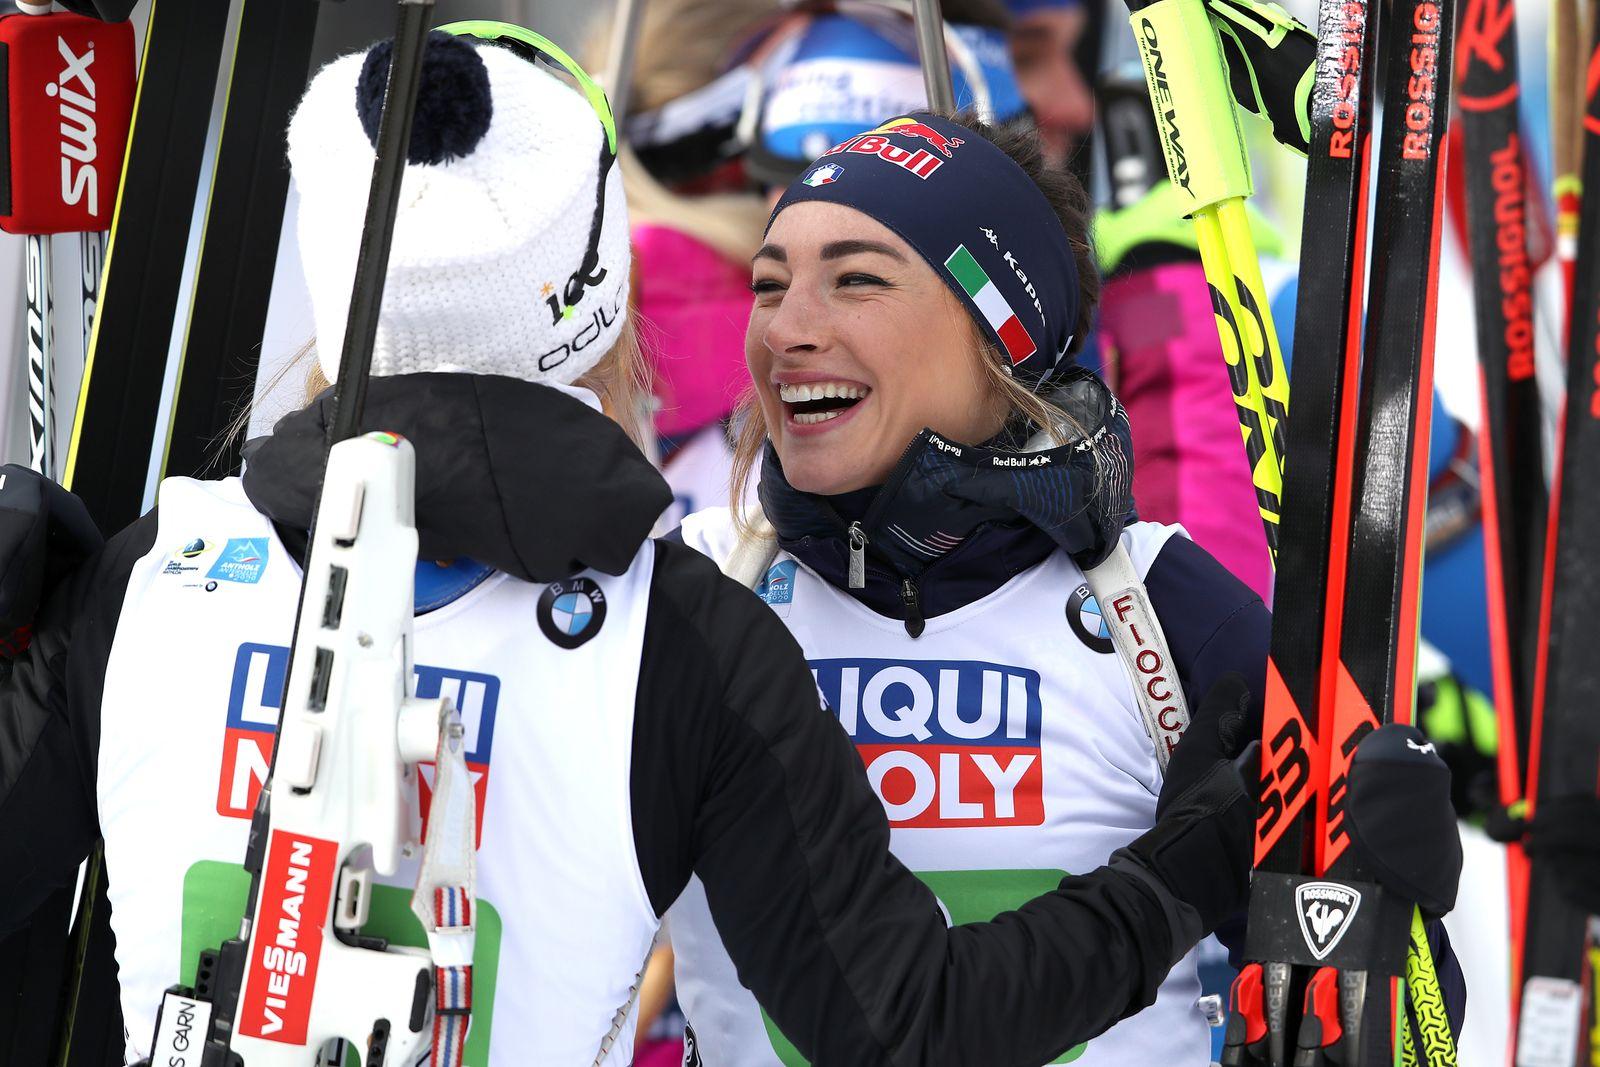 IBU World Championships Biathlon Antholz-Anterselva - Mixed Relay